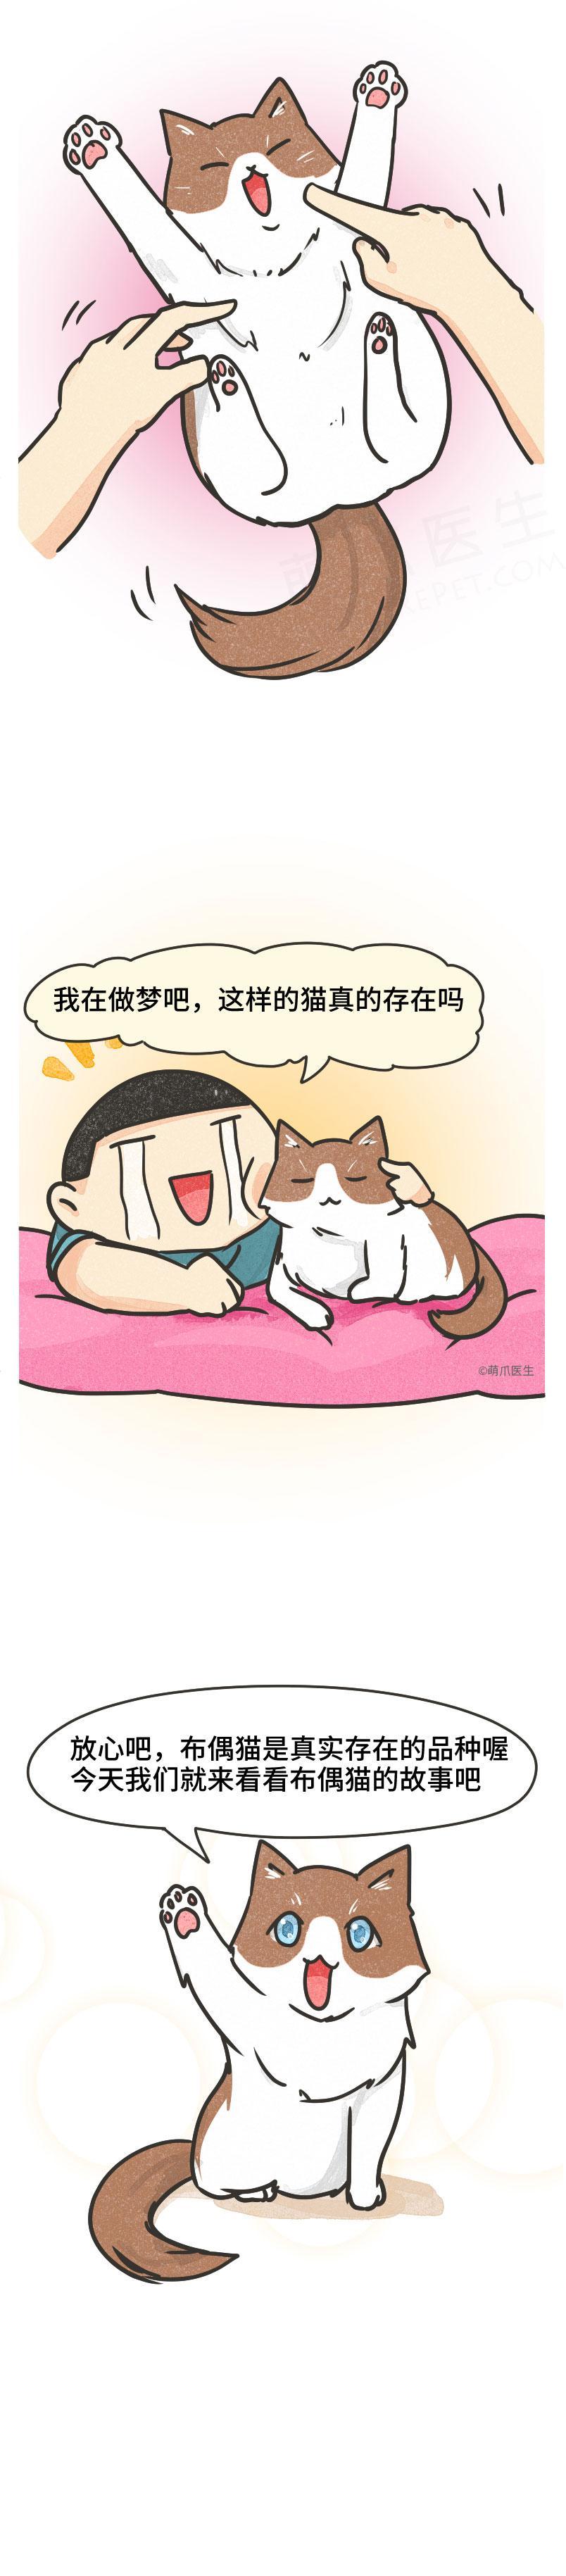 盛世美颜布偶猫,性格温顺的小天使,能满足你撸猫的所有幻想